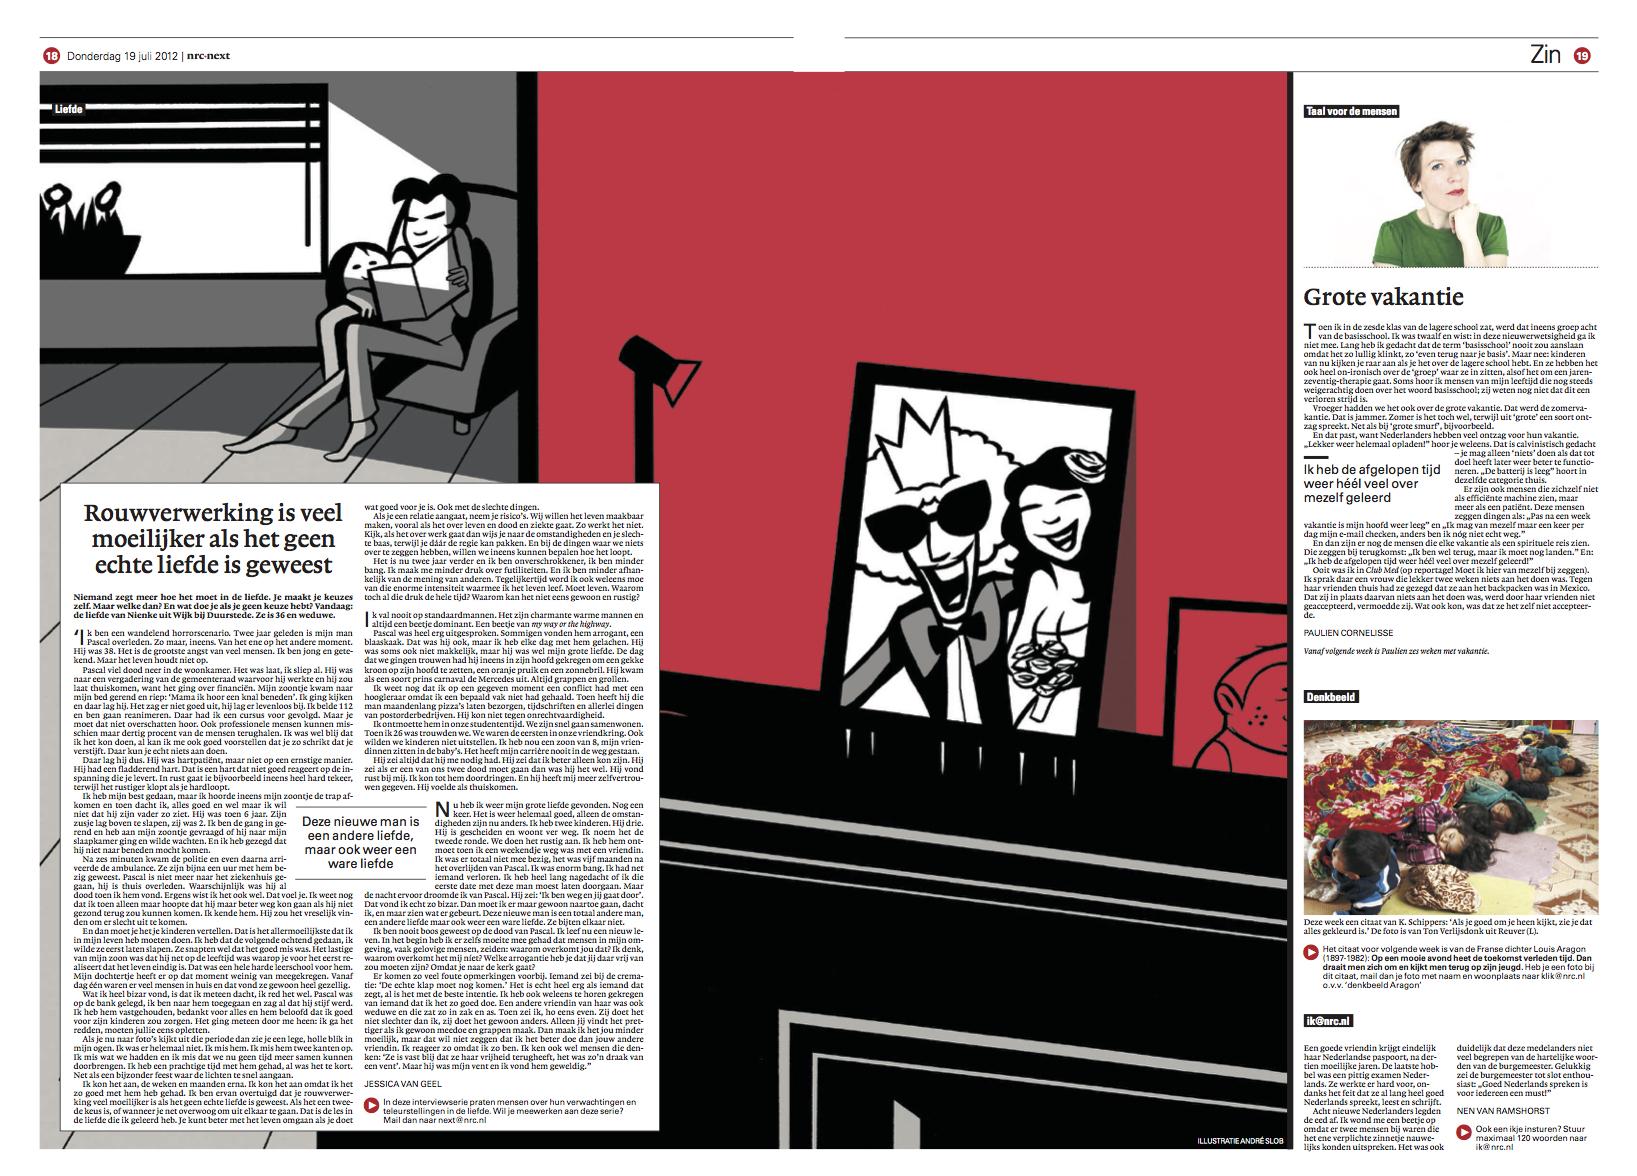 andre-slob_nrc-next_newspaper_krant_illustration_published.jpg